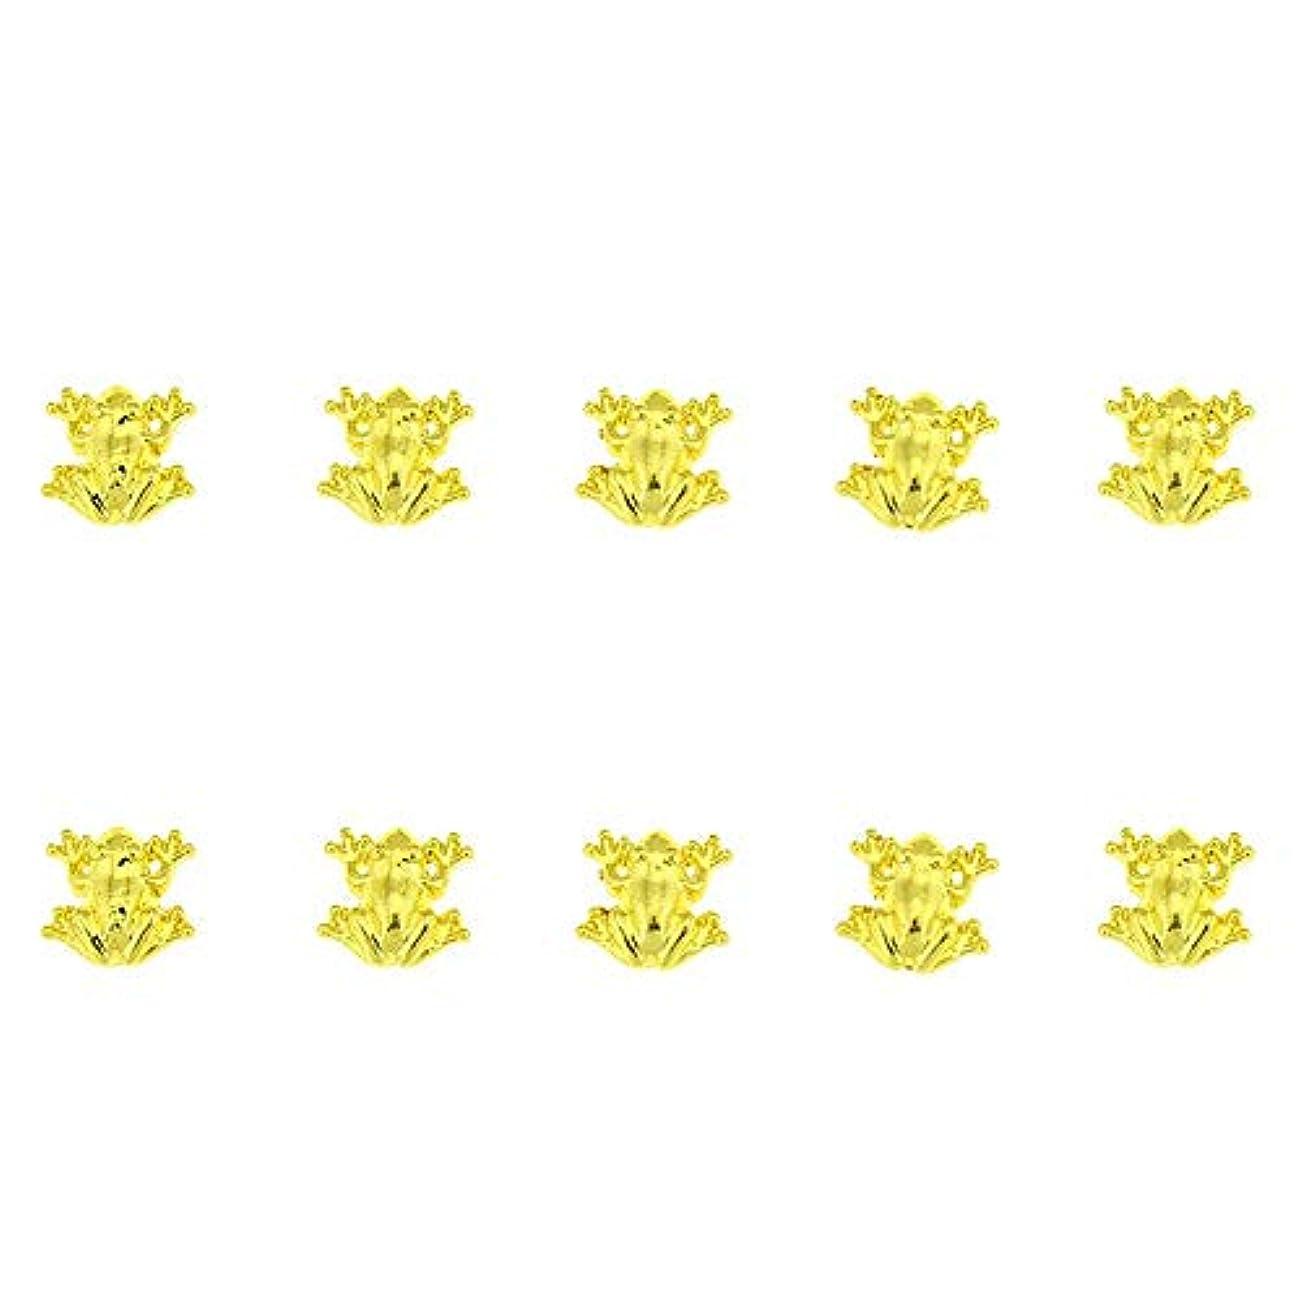 誇大妄想下位パプアニューギニア10個/ロット3D 10ミリメートル* 10ミリメートルネイルアート美容ゴールデンフロッグデザインメタルネイルアートの装飾用品